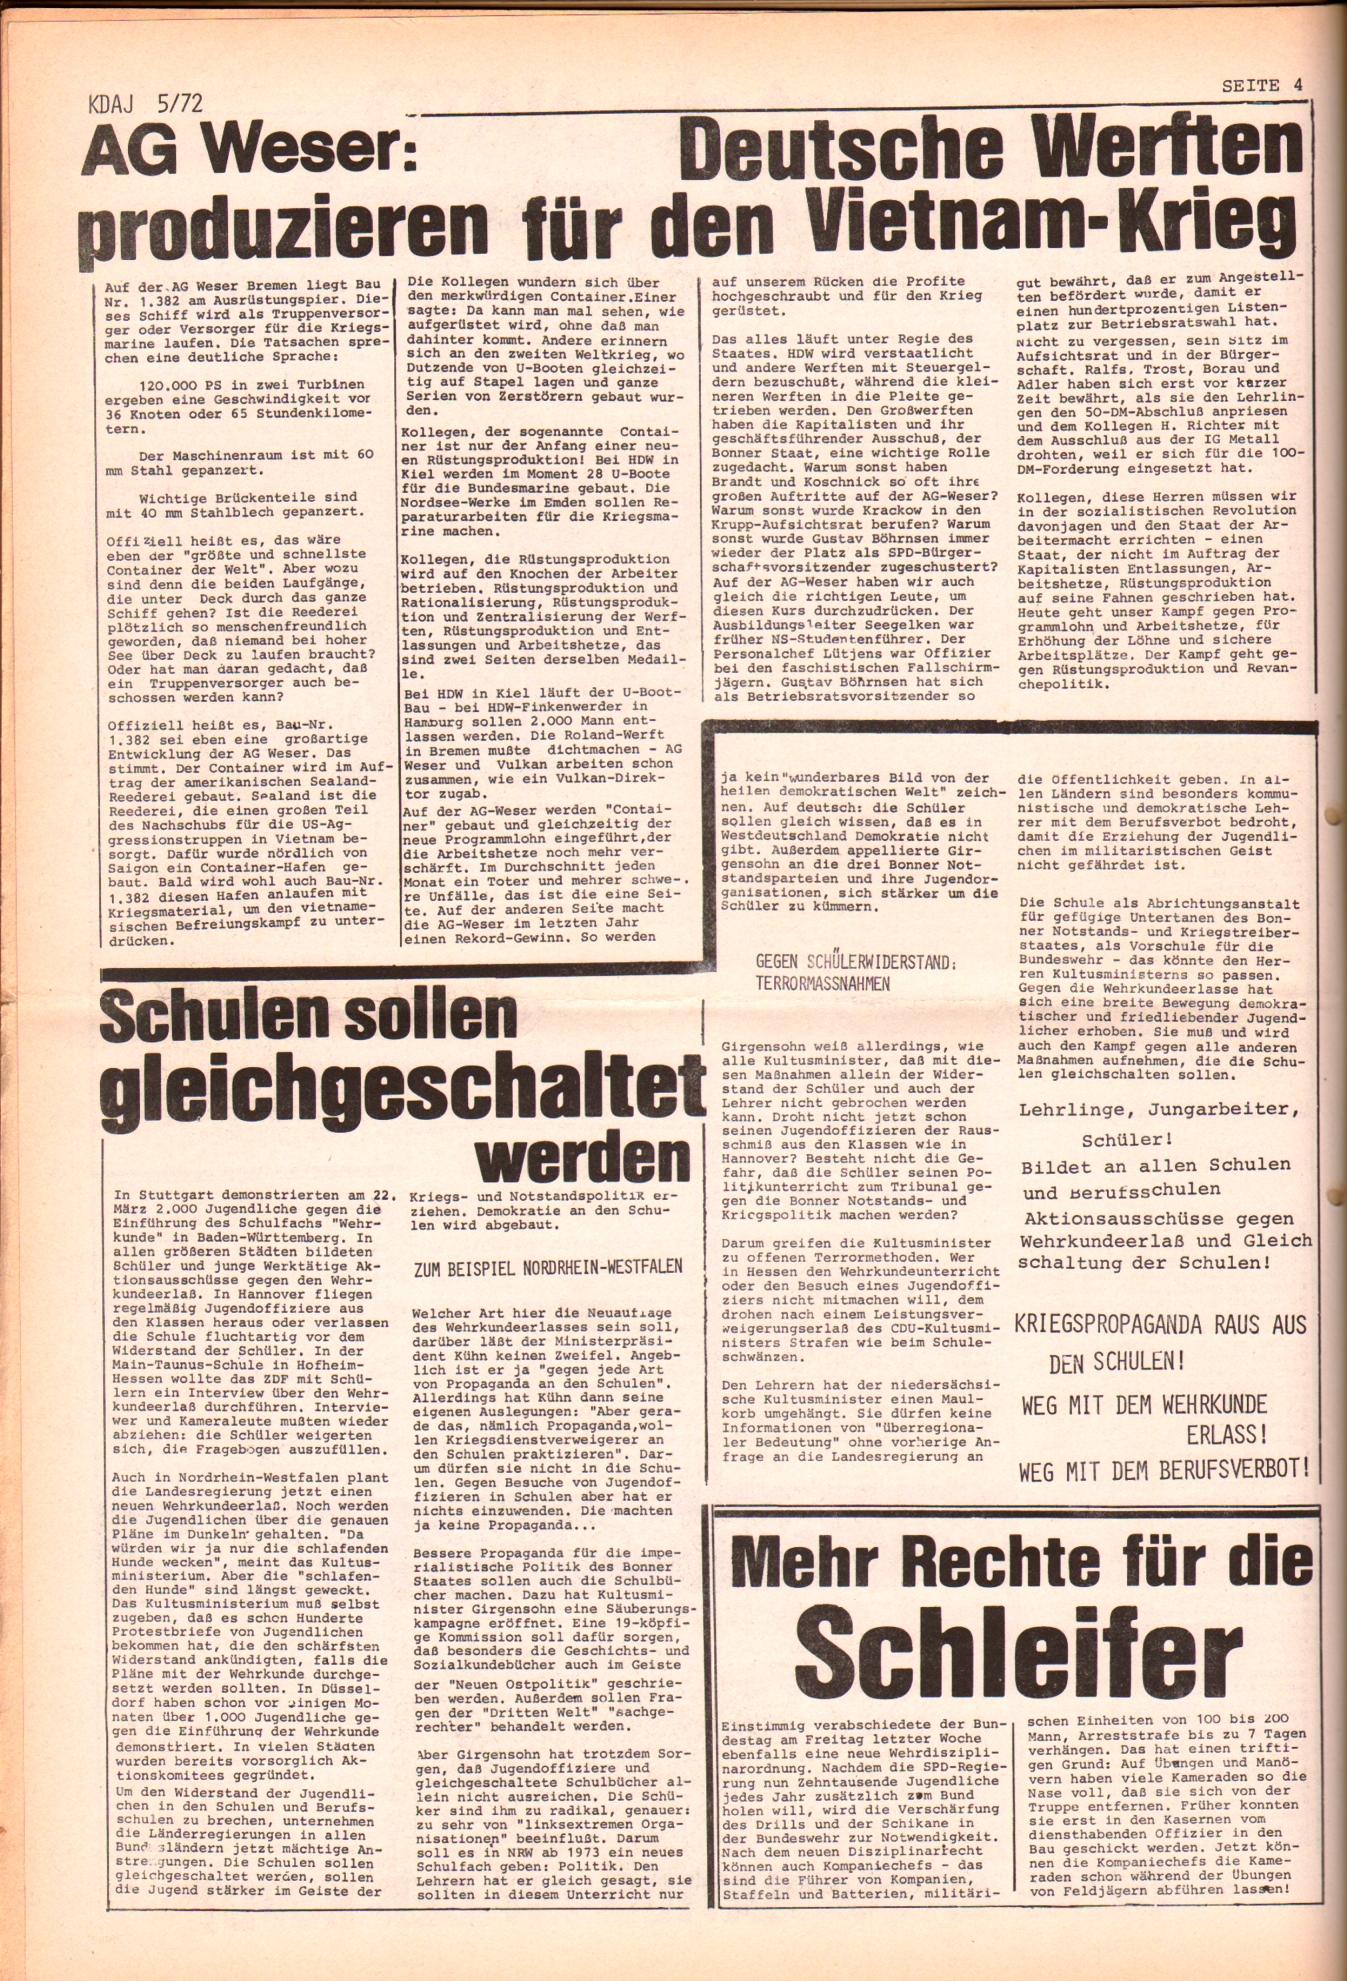 KJVD_KDAJ_1972_06_04